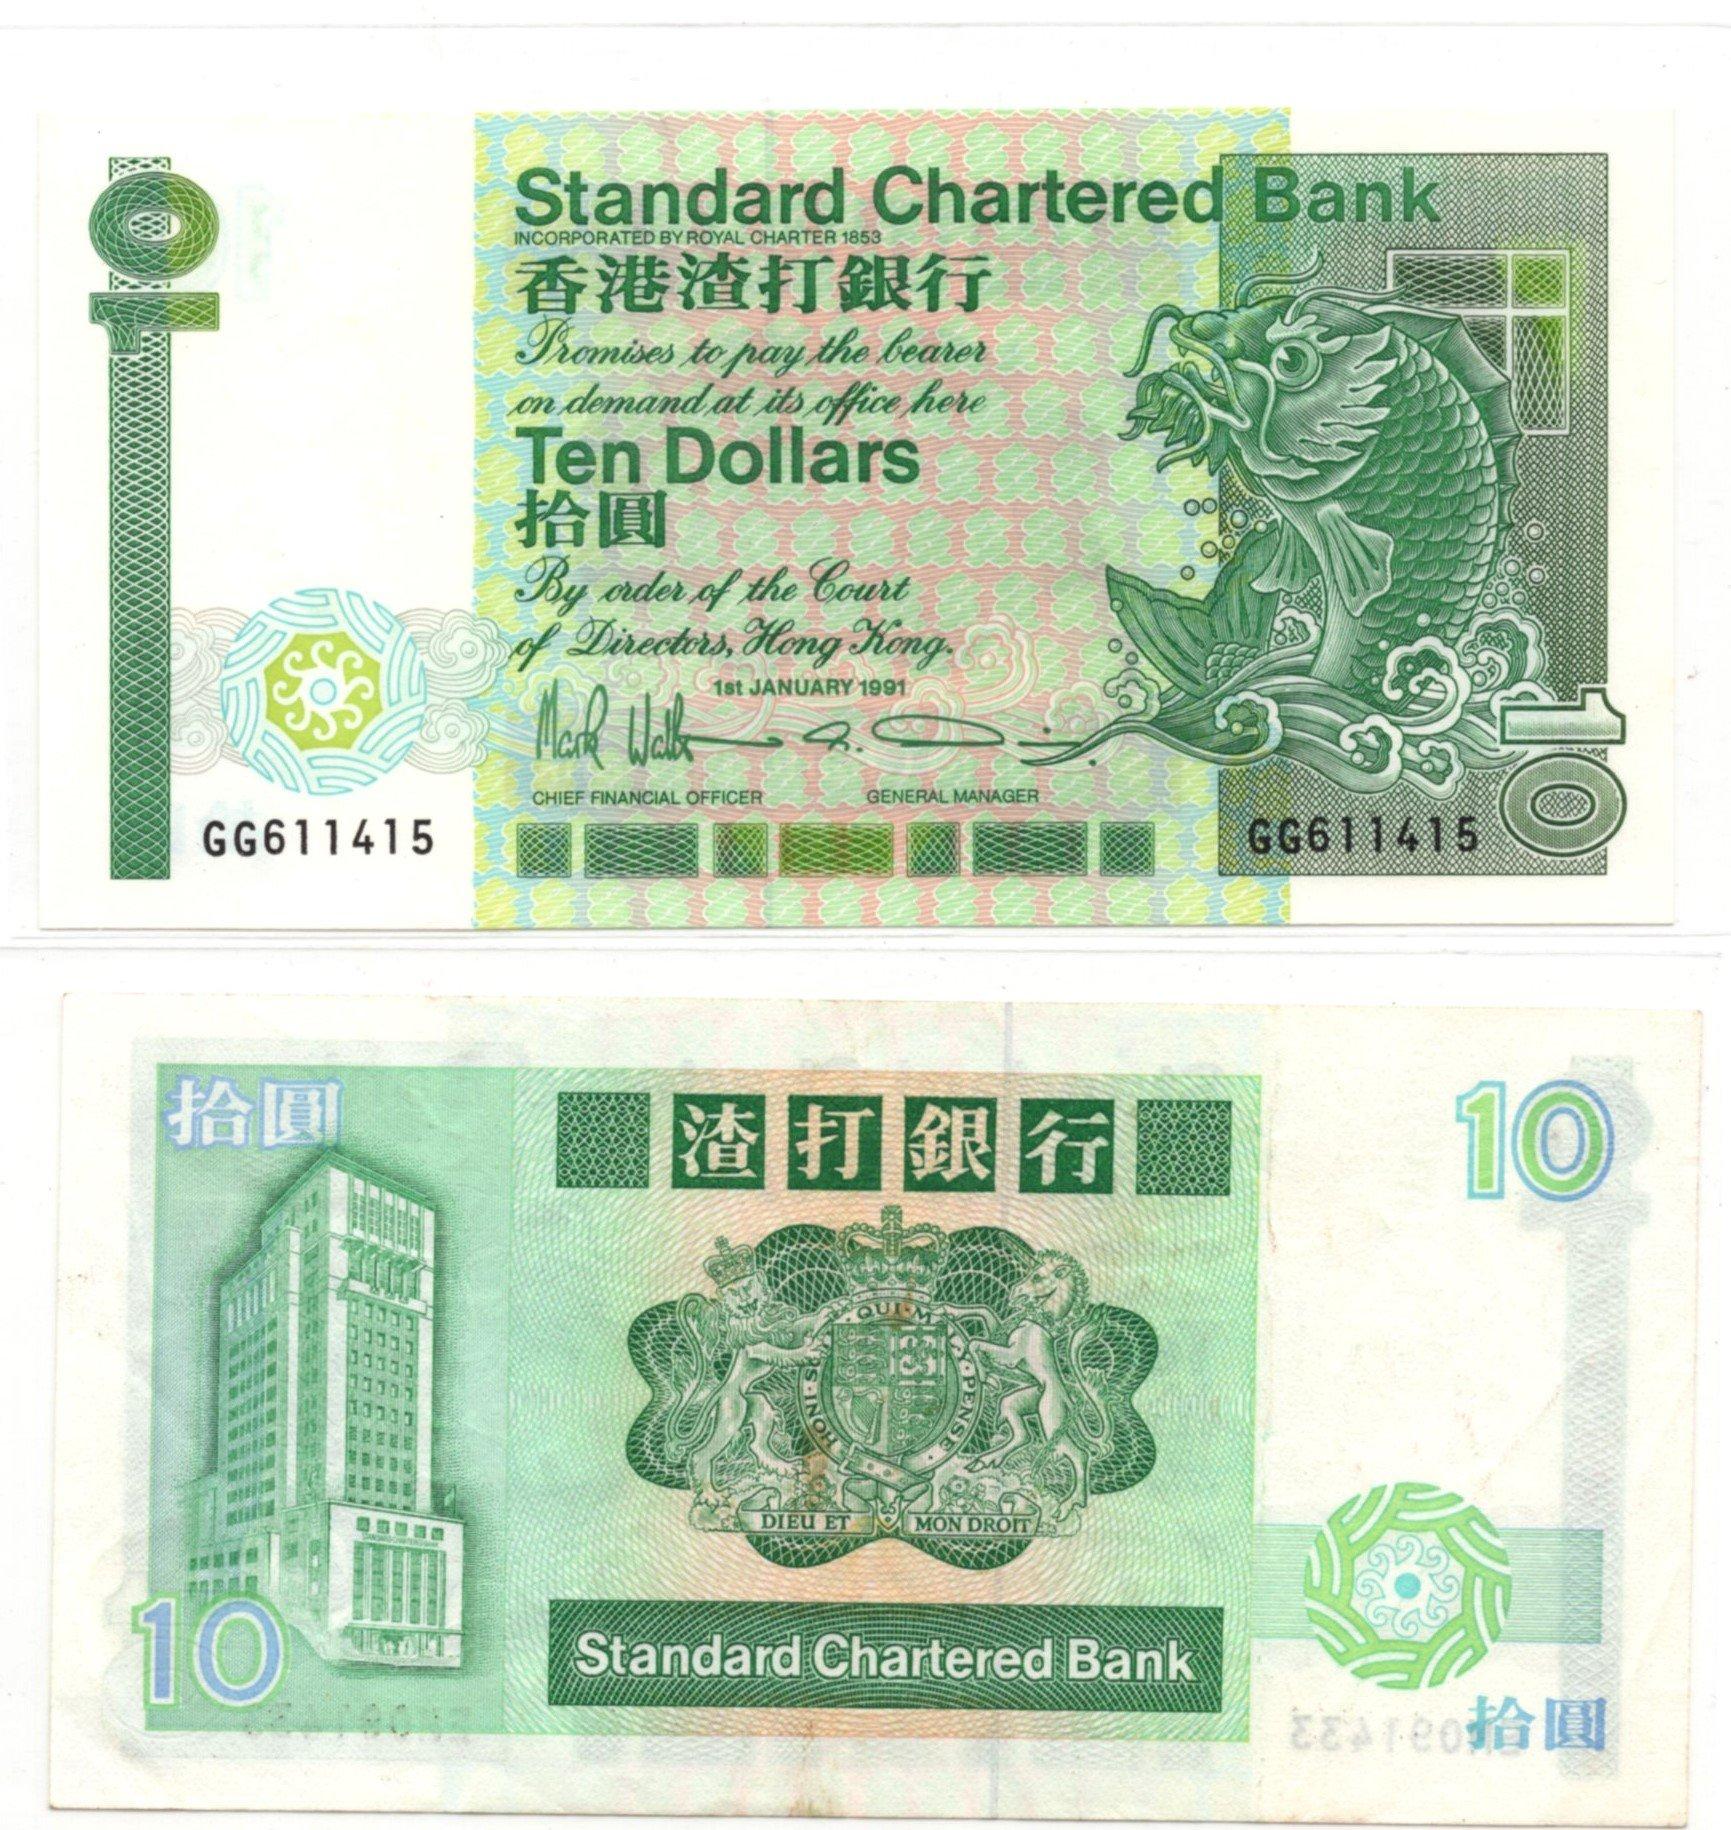 HK 10 dollars P278